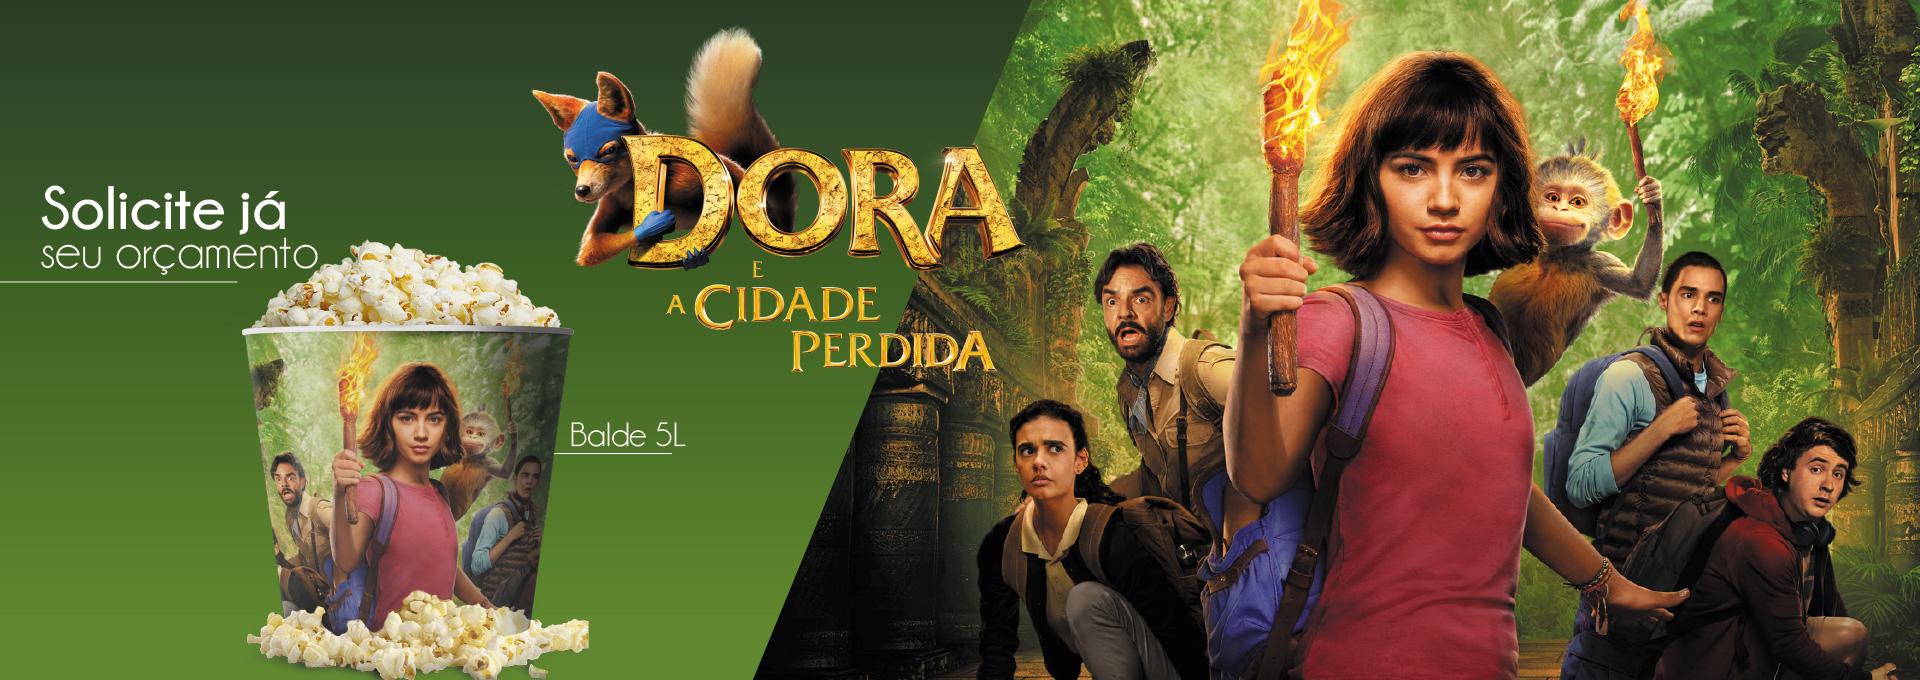 Dora_Social_Media_5L_Papel-2